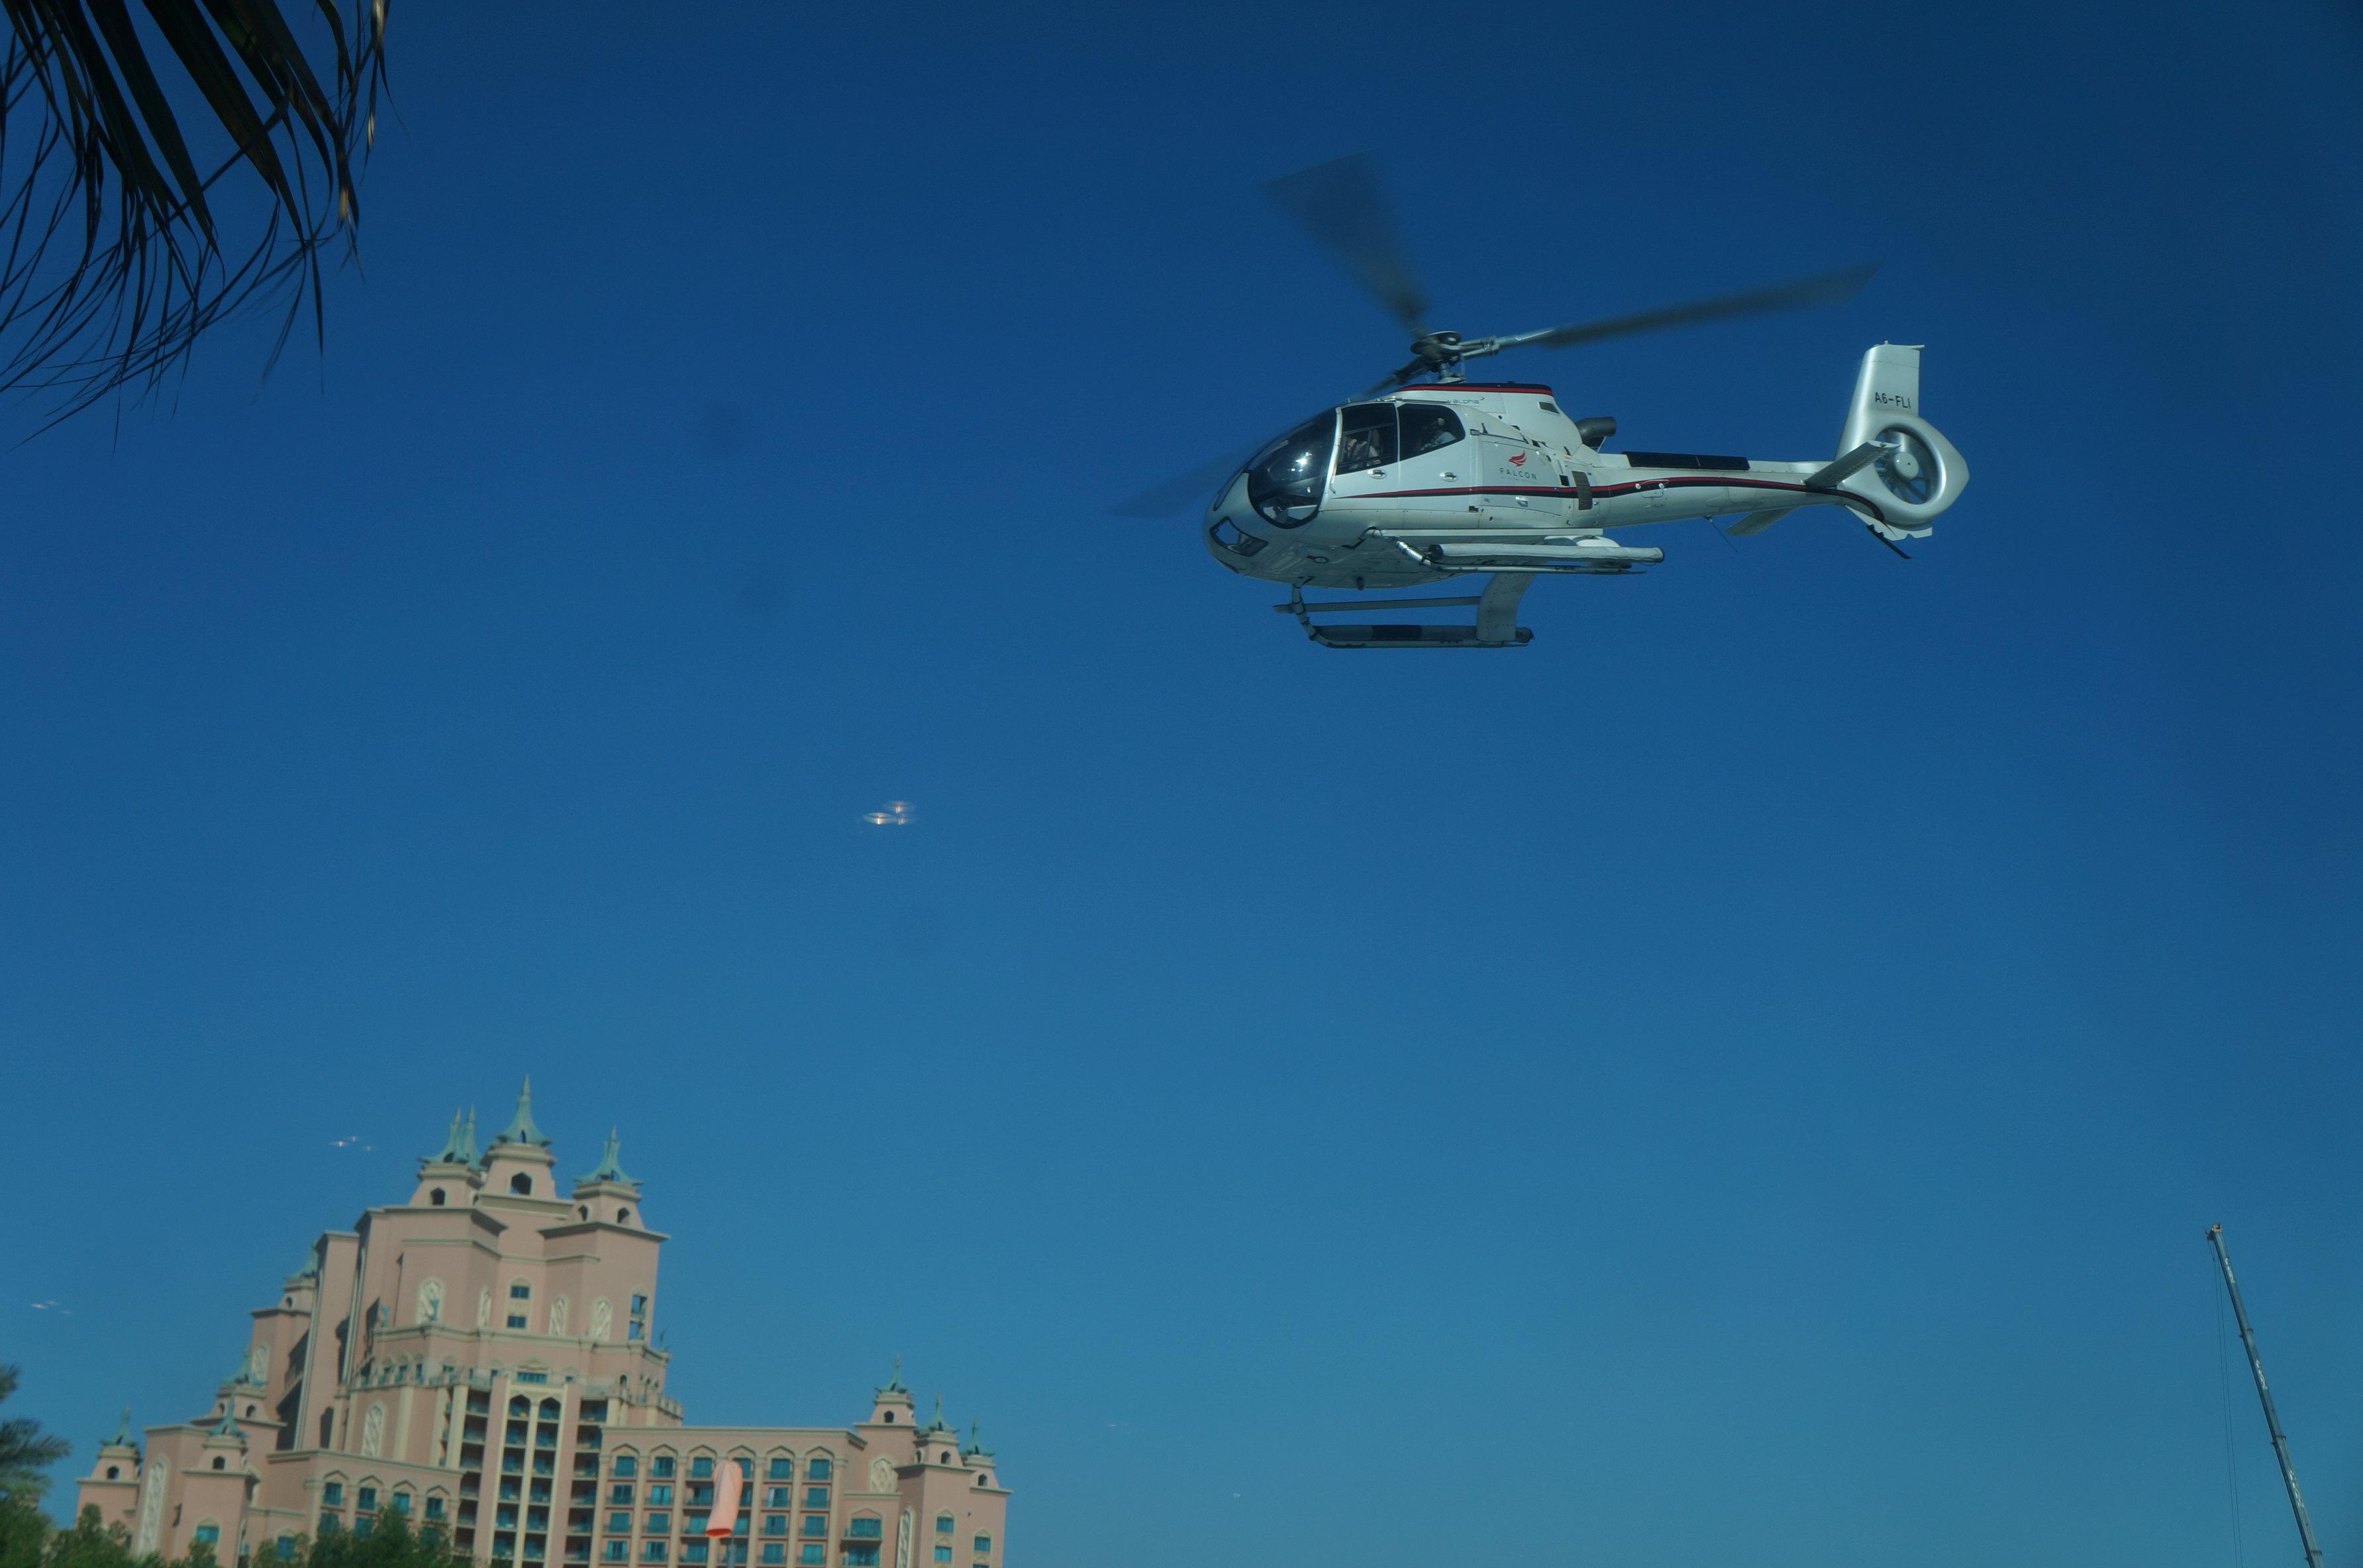 行程: 1)凌晨飞机抵达阿联酋迪拜机场,入境后搭乘出租车到预订宾馆安营扎寨。上午在酒店休息。 2)中午前离开宾馆,搭乘轻轨到阿联酋购物中心(Mall of Emirates)站下车,简单游览购物中心后搭乘出租车到棕榈岛观光缆车站。 3)搭乘棕榈岛观光缆车进入,途中游览号称世界上最大的人工岛的迪拜棕榈岛的美丽风光。 4)搭乘旅游公司专车前往直升飞机停机坪,办理预订确认和登机手续后,搭乘直升飞机(Dubai Helicopter Tour)游览迪拜的空中景色。 5)前往位于棕榈岛上的亚特兰蒂斯酒店内游览。